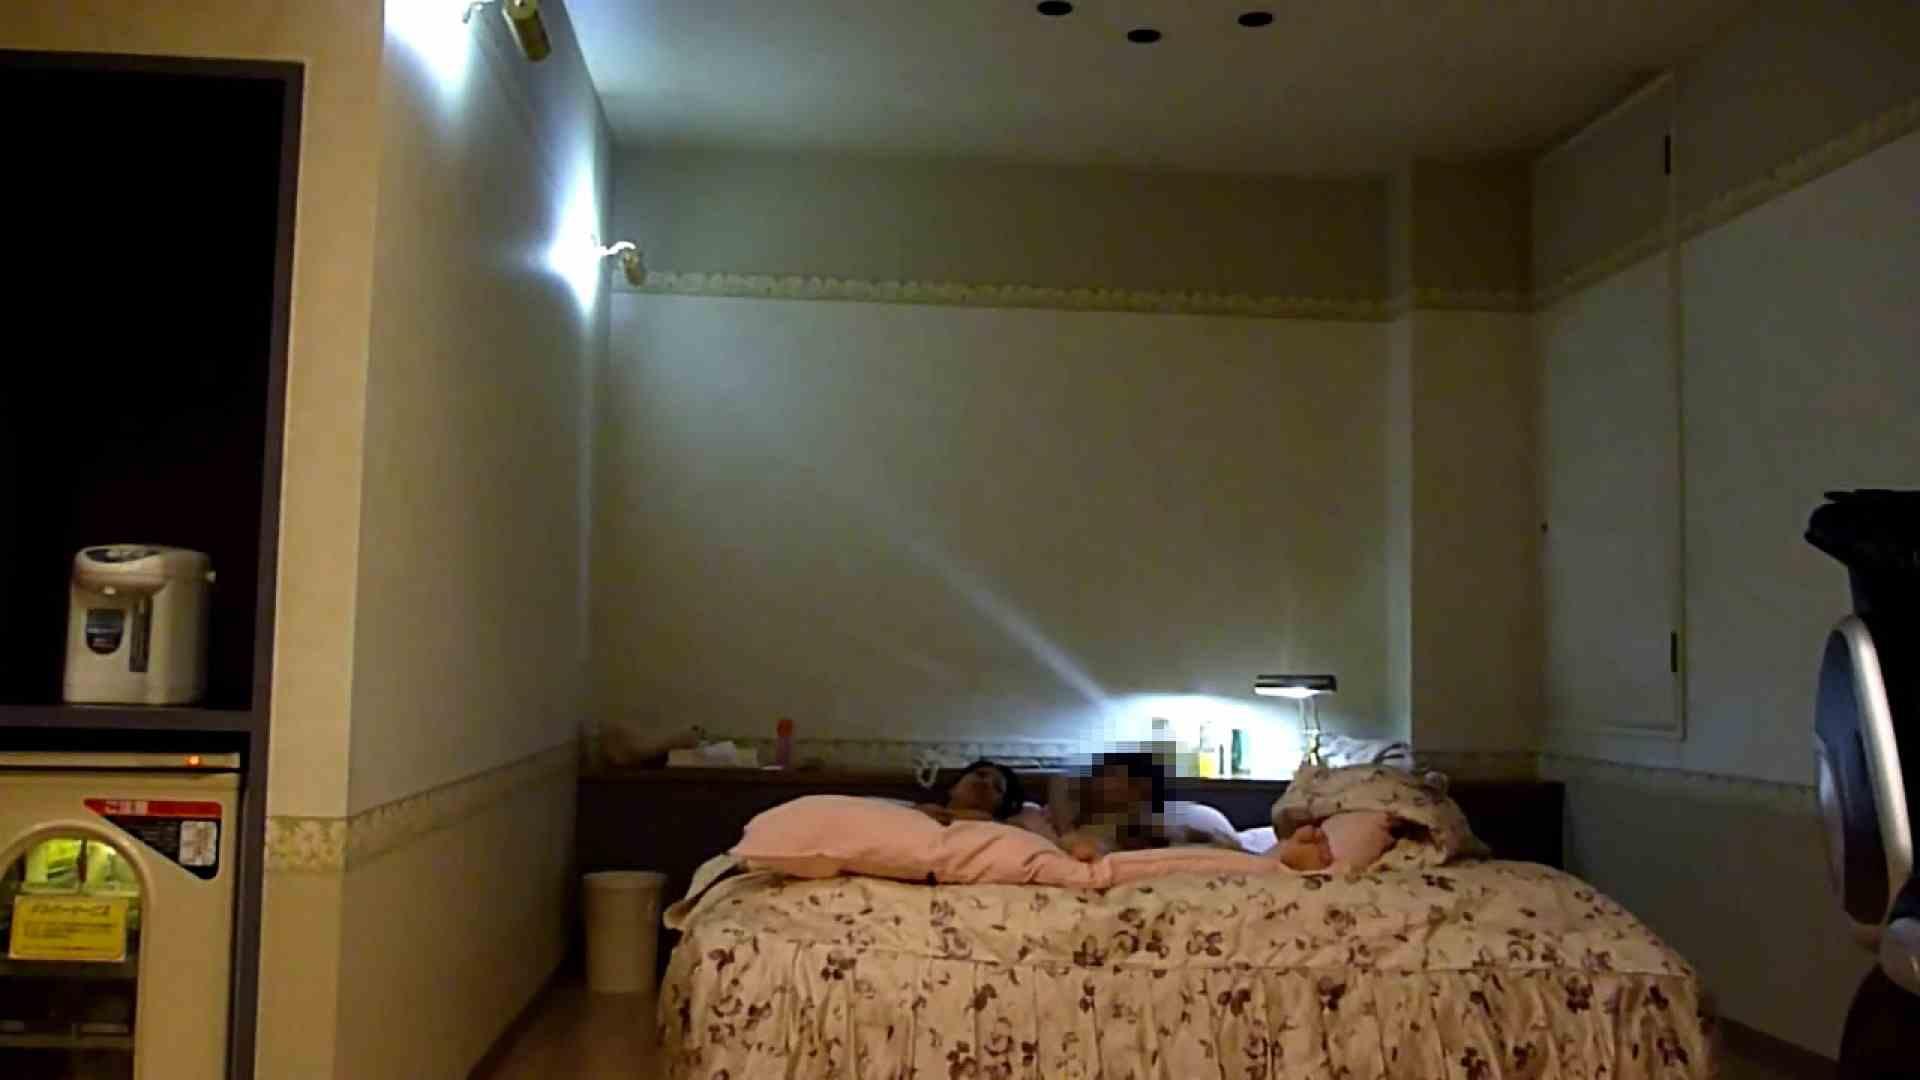 【完全素人投稿】誰にしようか!?やりチン健太の本日もデリ嬢いただきま~す!!12 投稿 セックス無修正動画無料 106pic 14